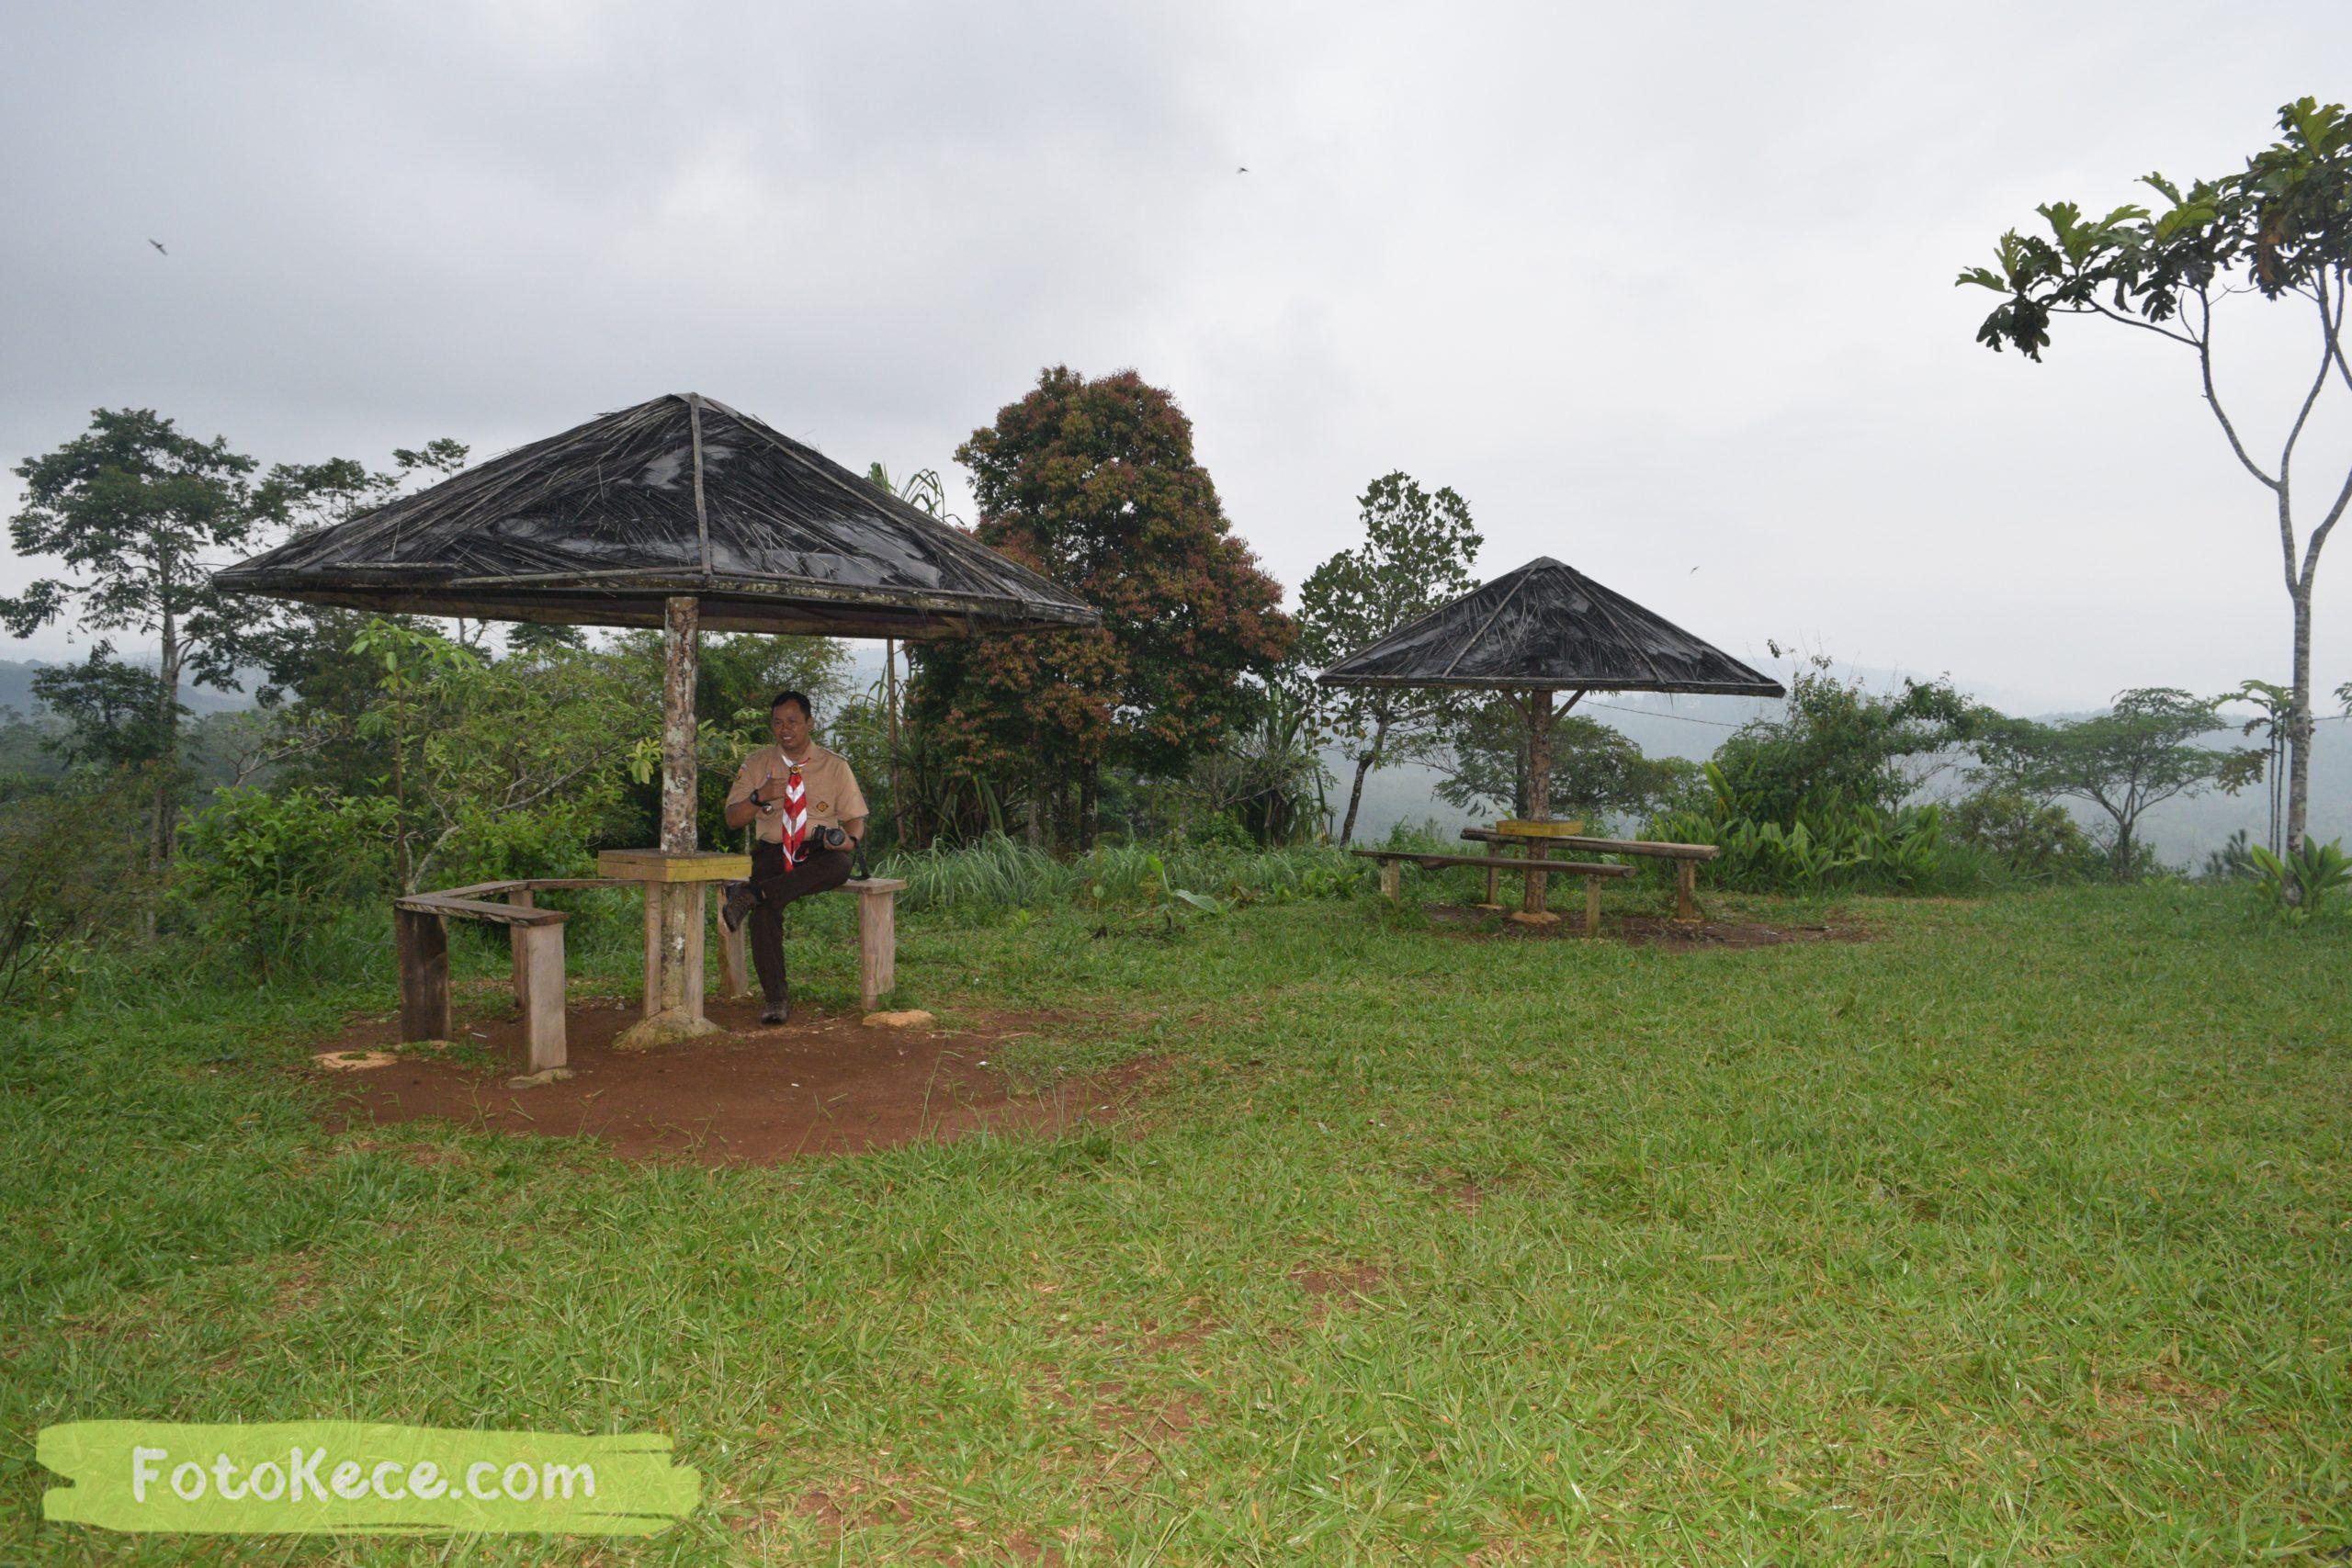 pembukaan perkemahan narakarya 1 mtsn 2 sukabumi 24 25 januari 2020 pramuka hebat wisata alam puncak buluh jampangkulon 30 scaled